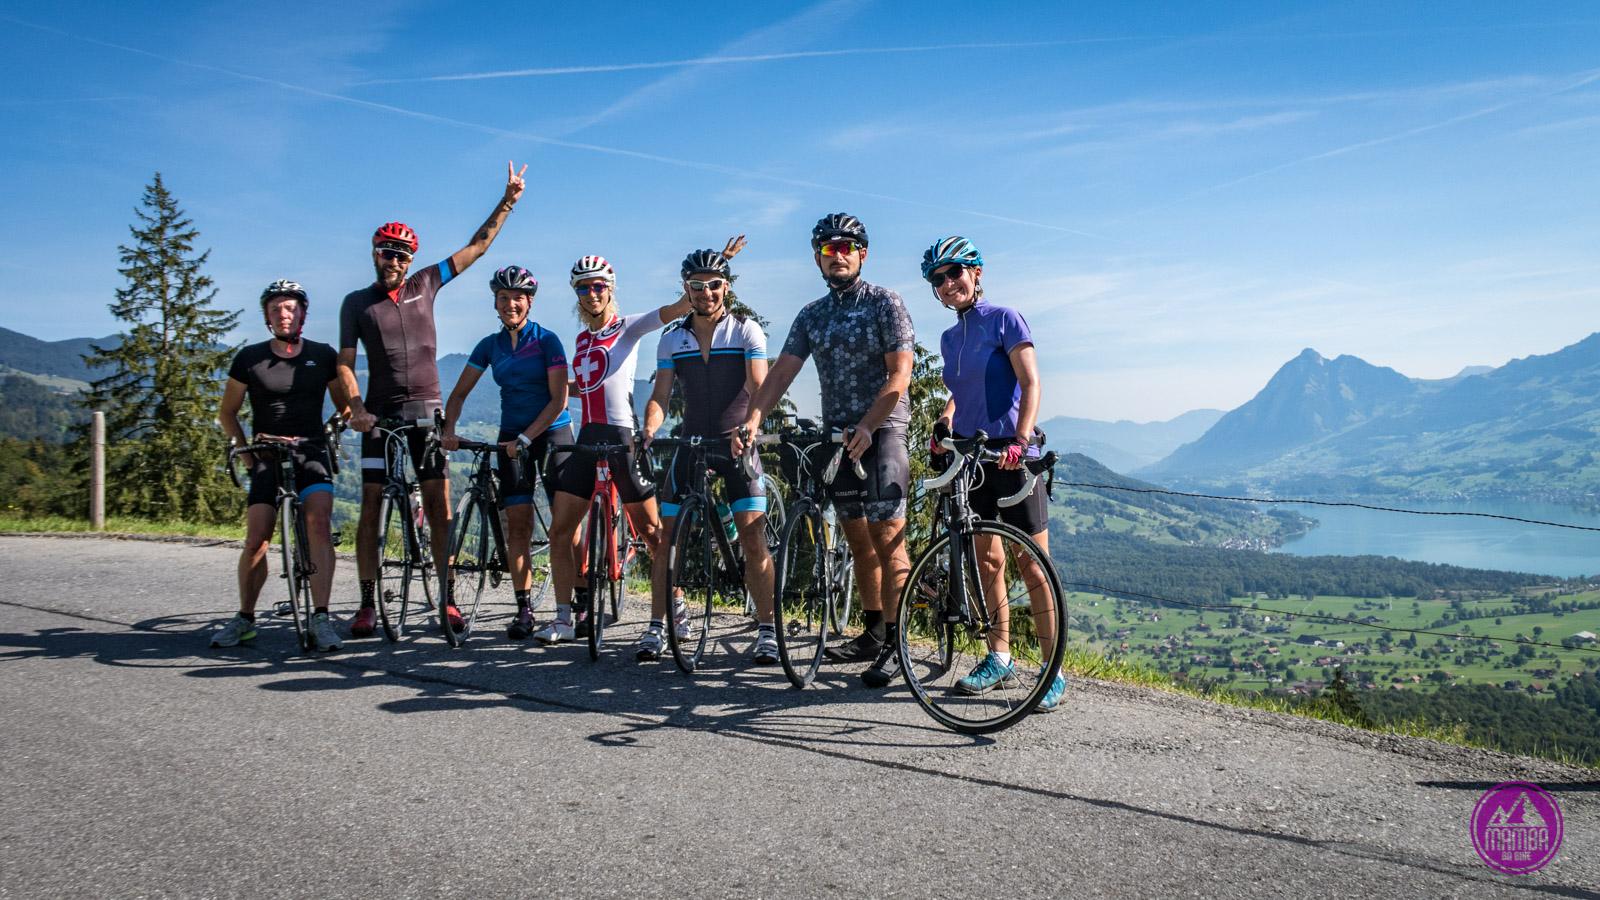 Szwajcaria - Jolanda Neff - grupowe foto